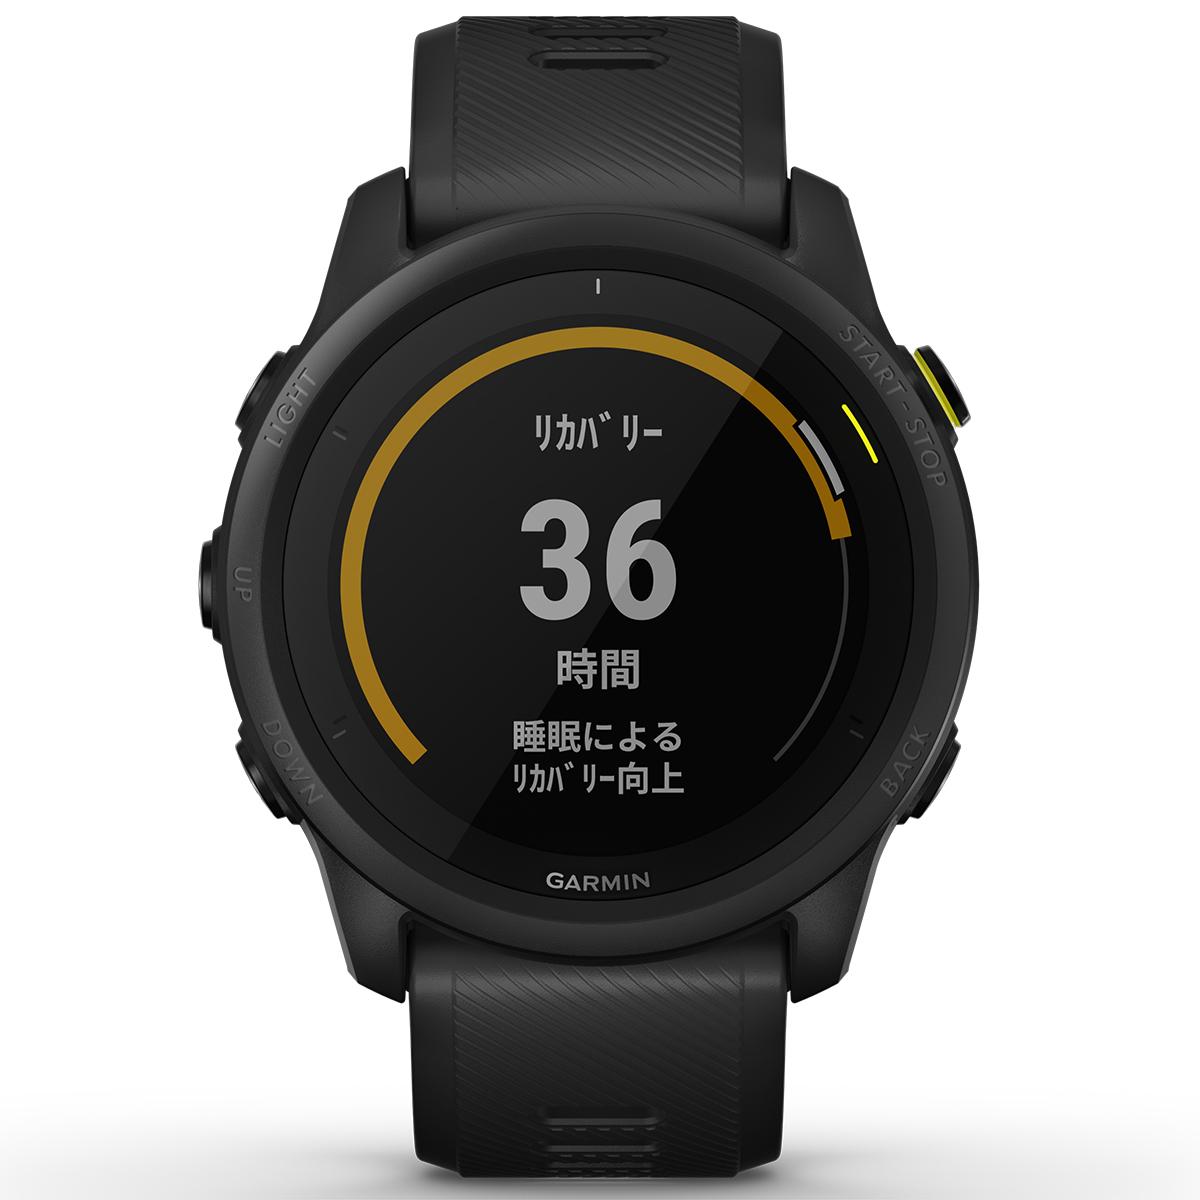 ガーミン GARMIN ForeAthlete 745 フォアアスリート745 ランニング トライアスロン用 GPSウォッチ スマートウォッチ ウェアラブル 腕時計 ブラック 010-02445-40